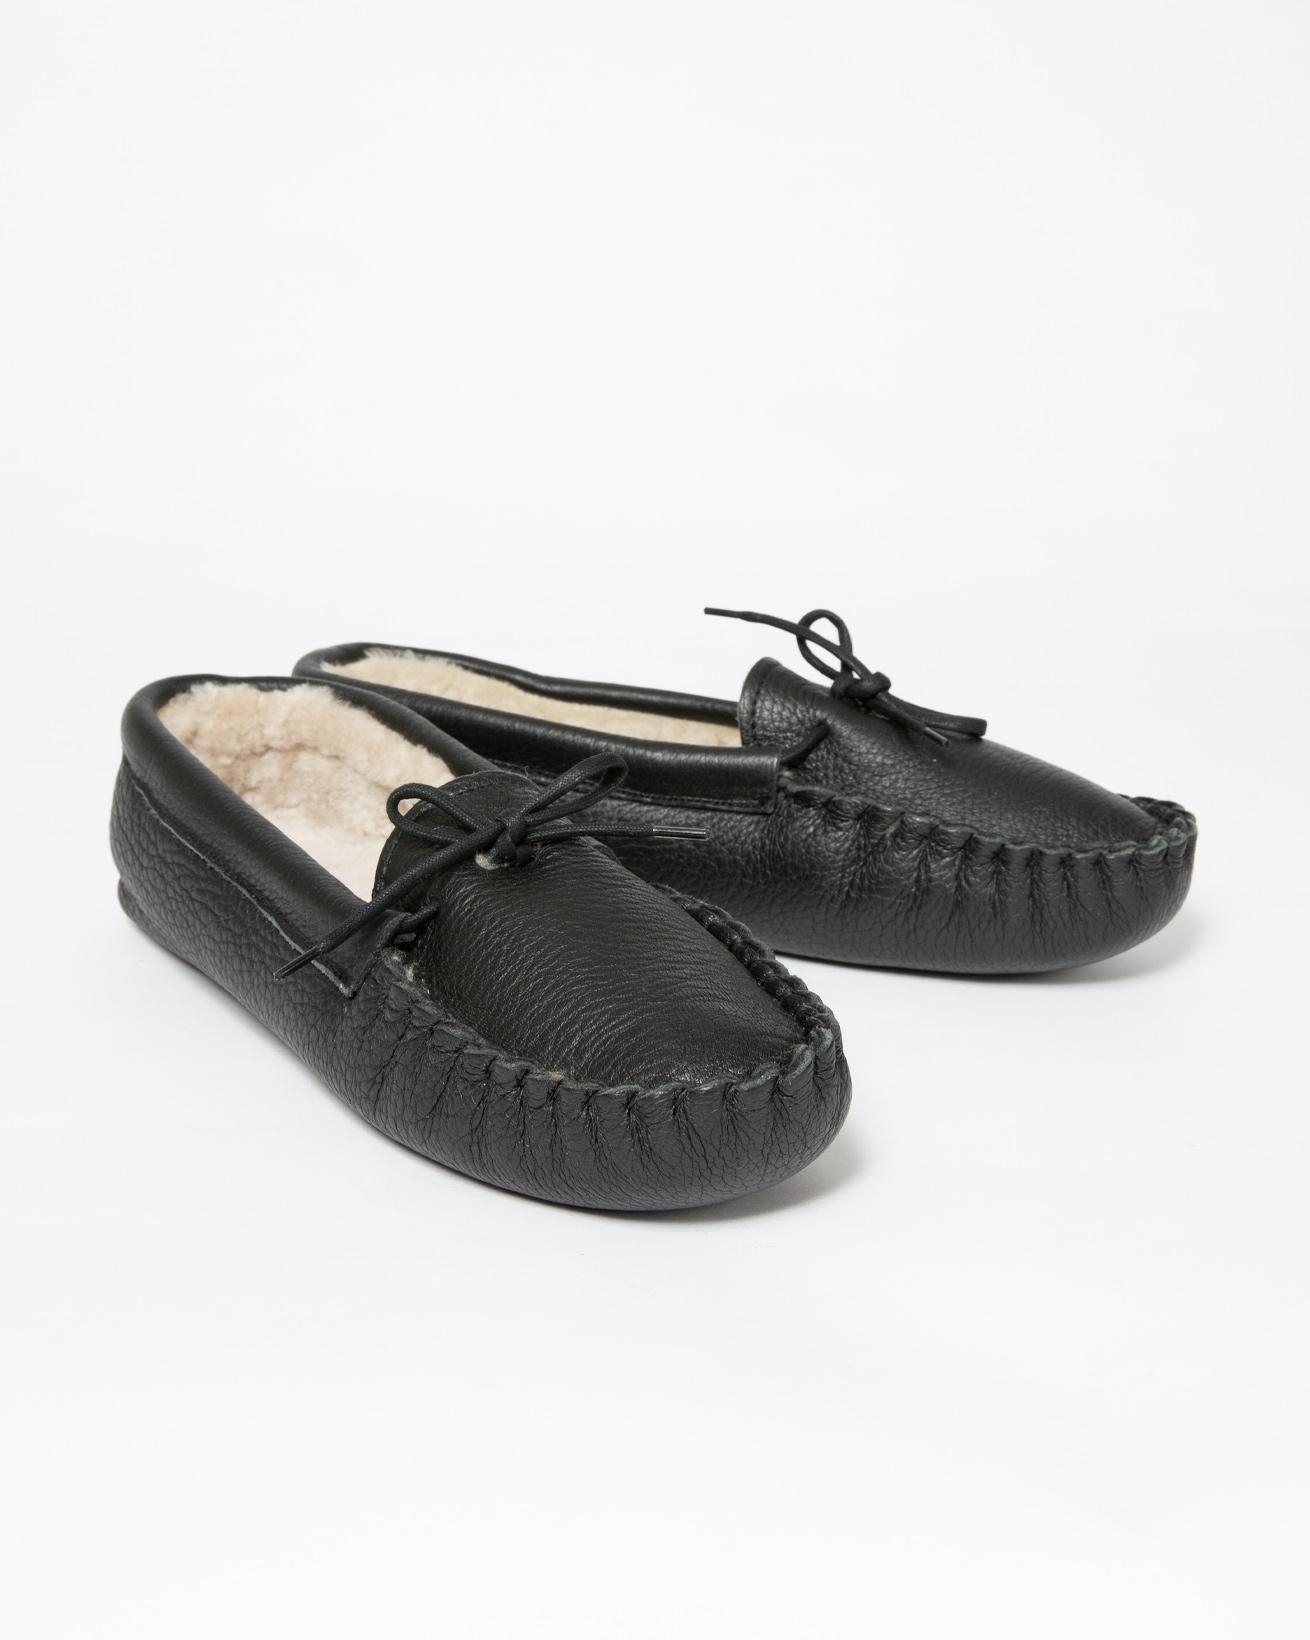 Mens Yukon Slipper - Size 12 - Black